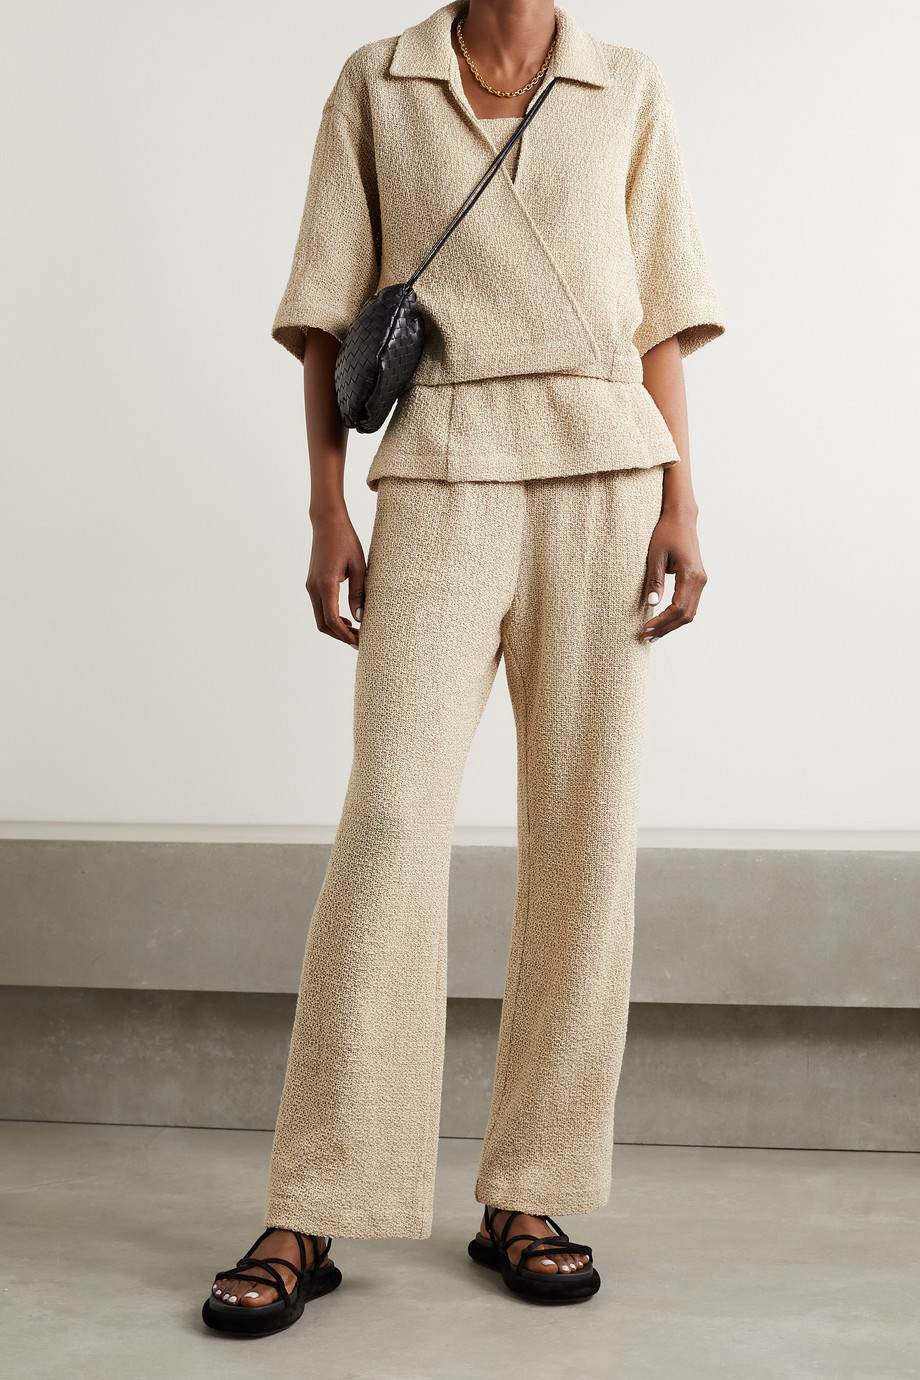 LE 17 SEPTEMBRE Hose mit geradem Bein aus einer Leinen-Baumwollmischung